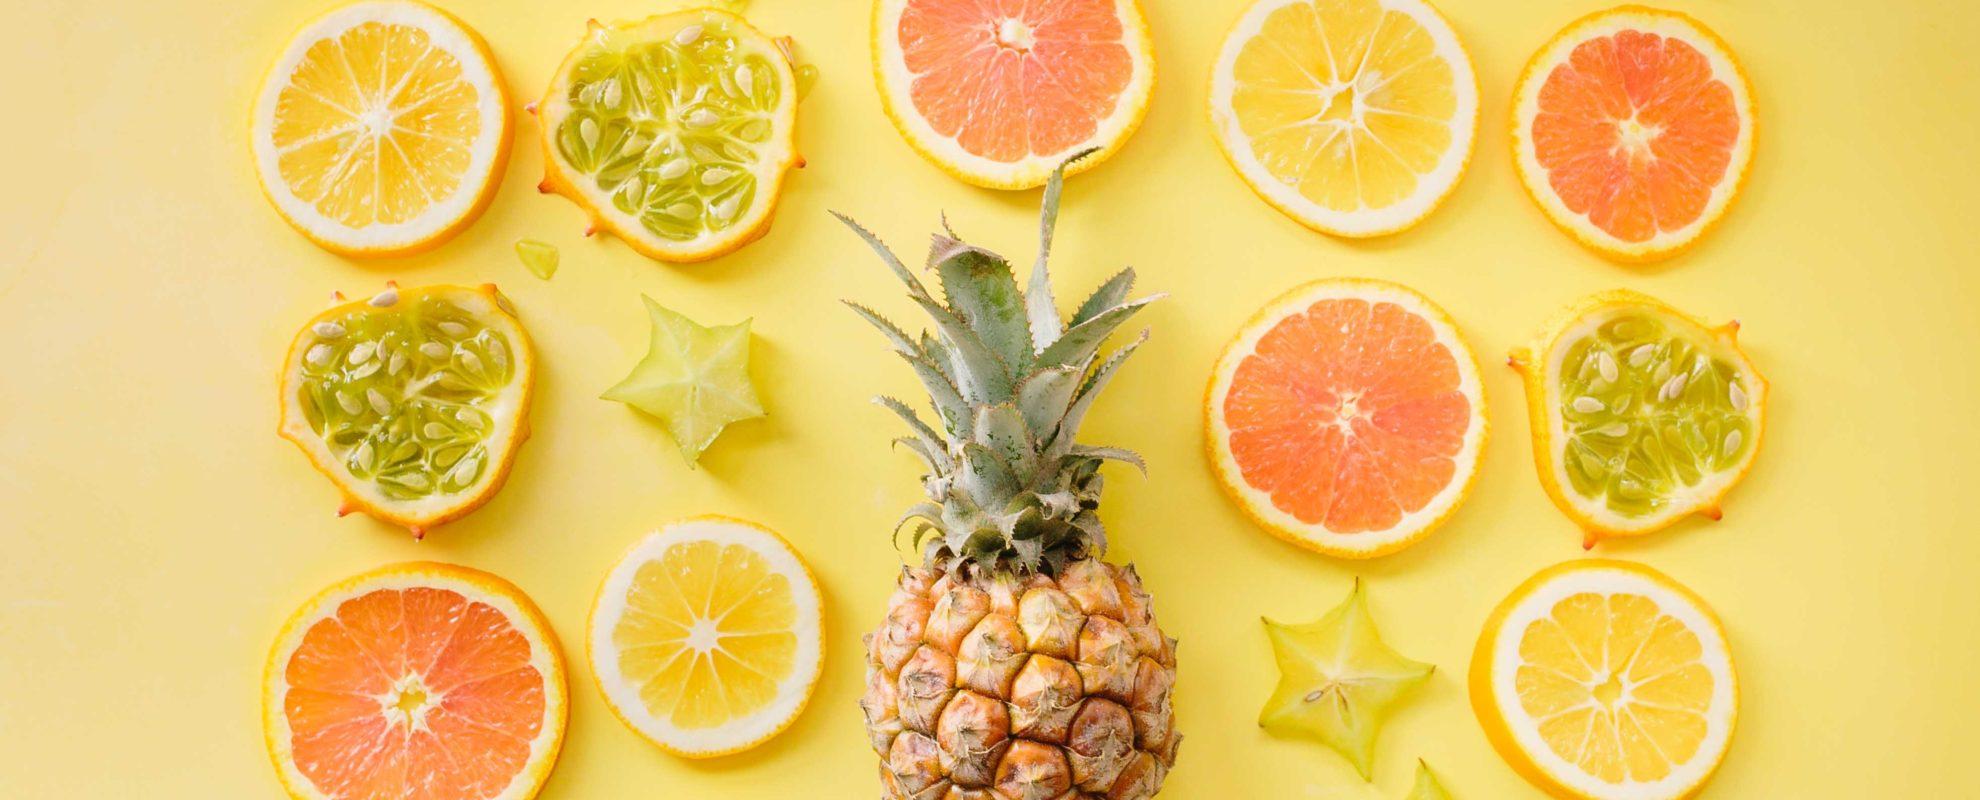 パイナップルと輪切りの柑橘類